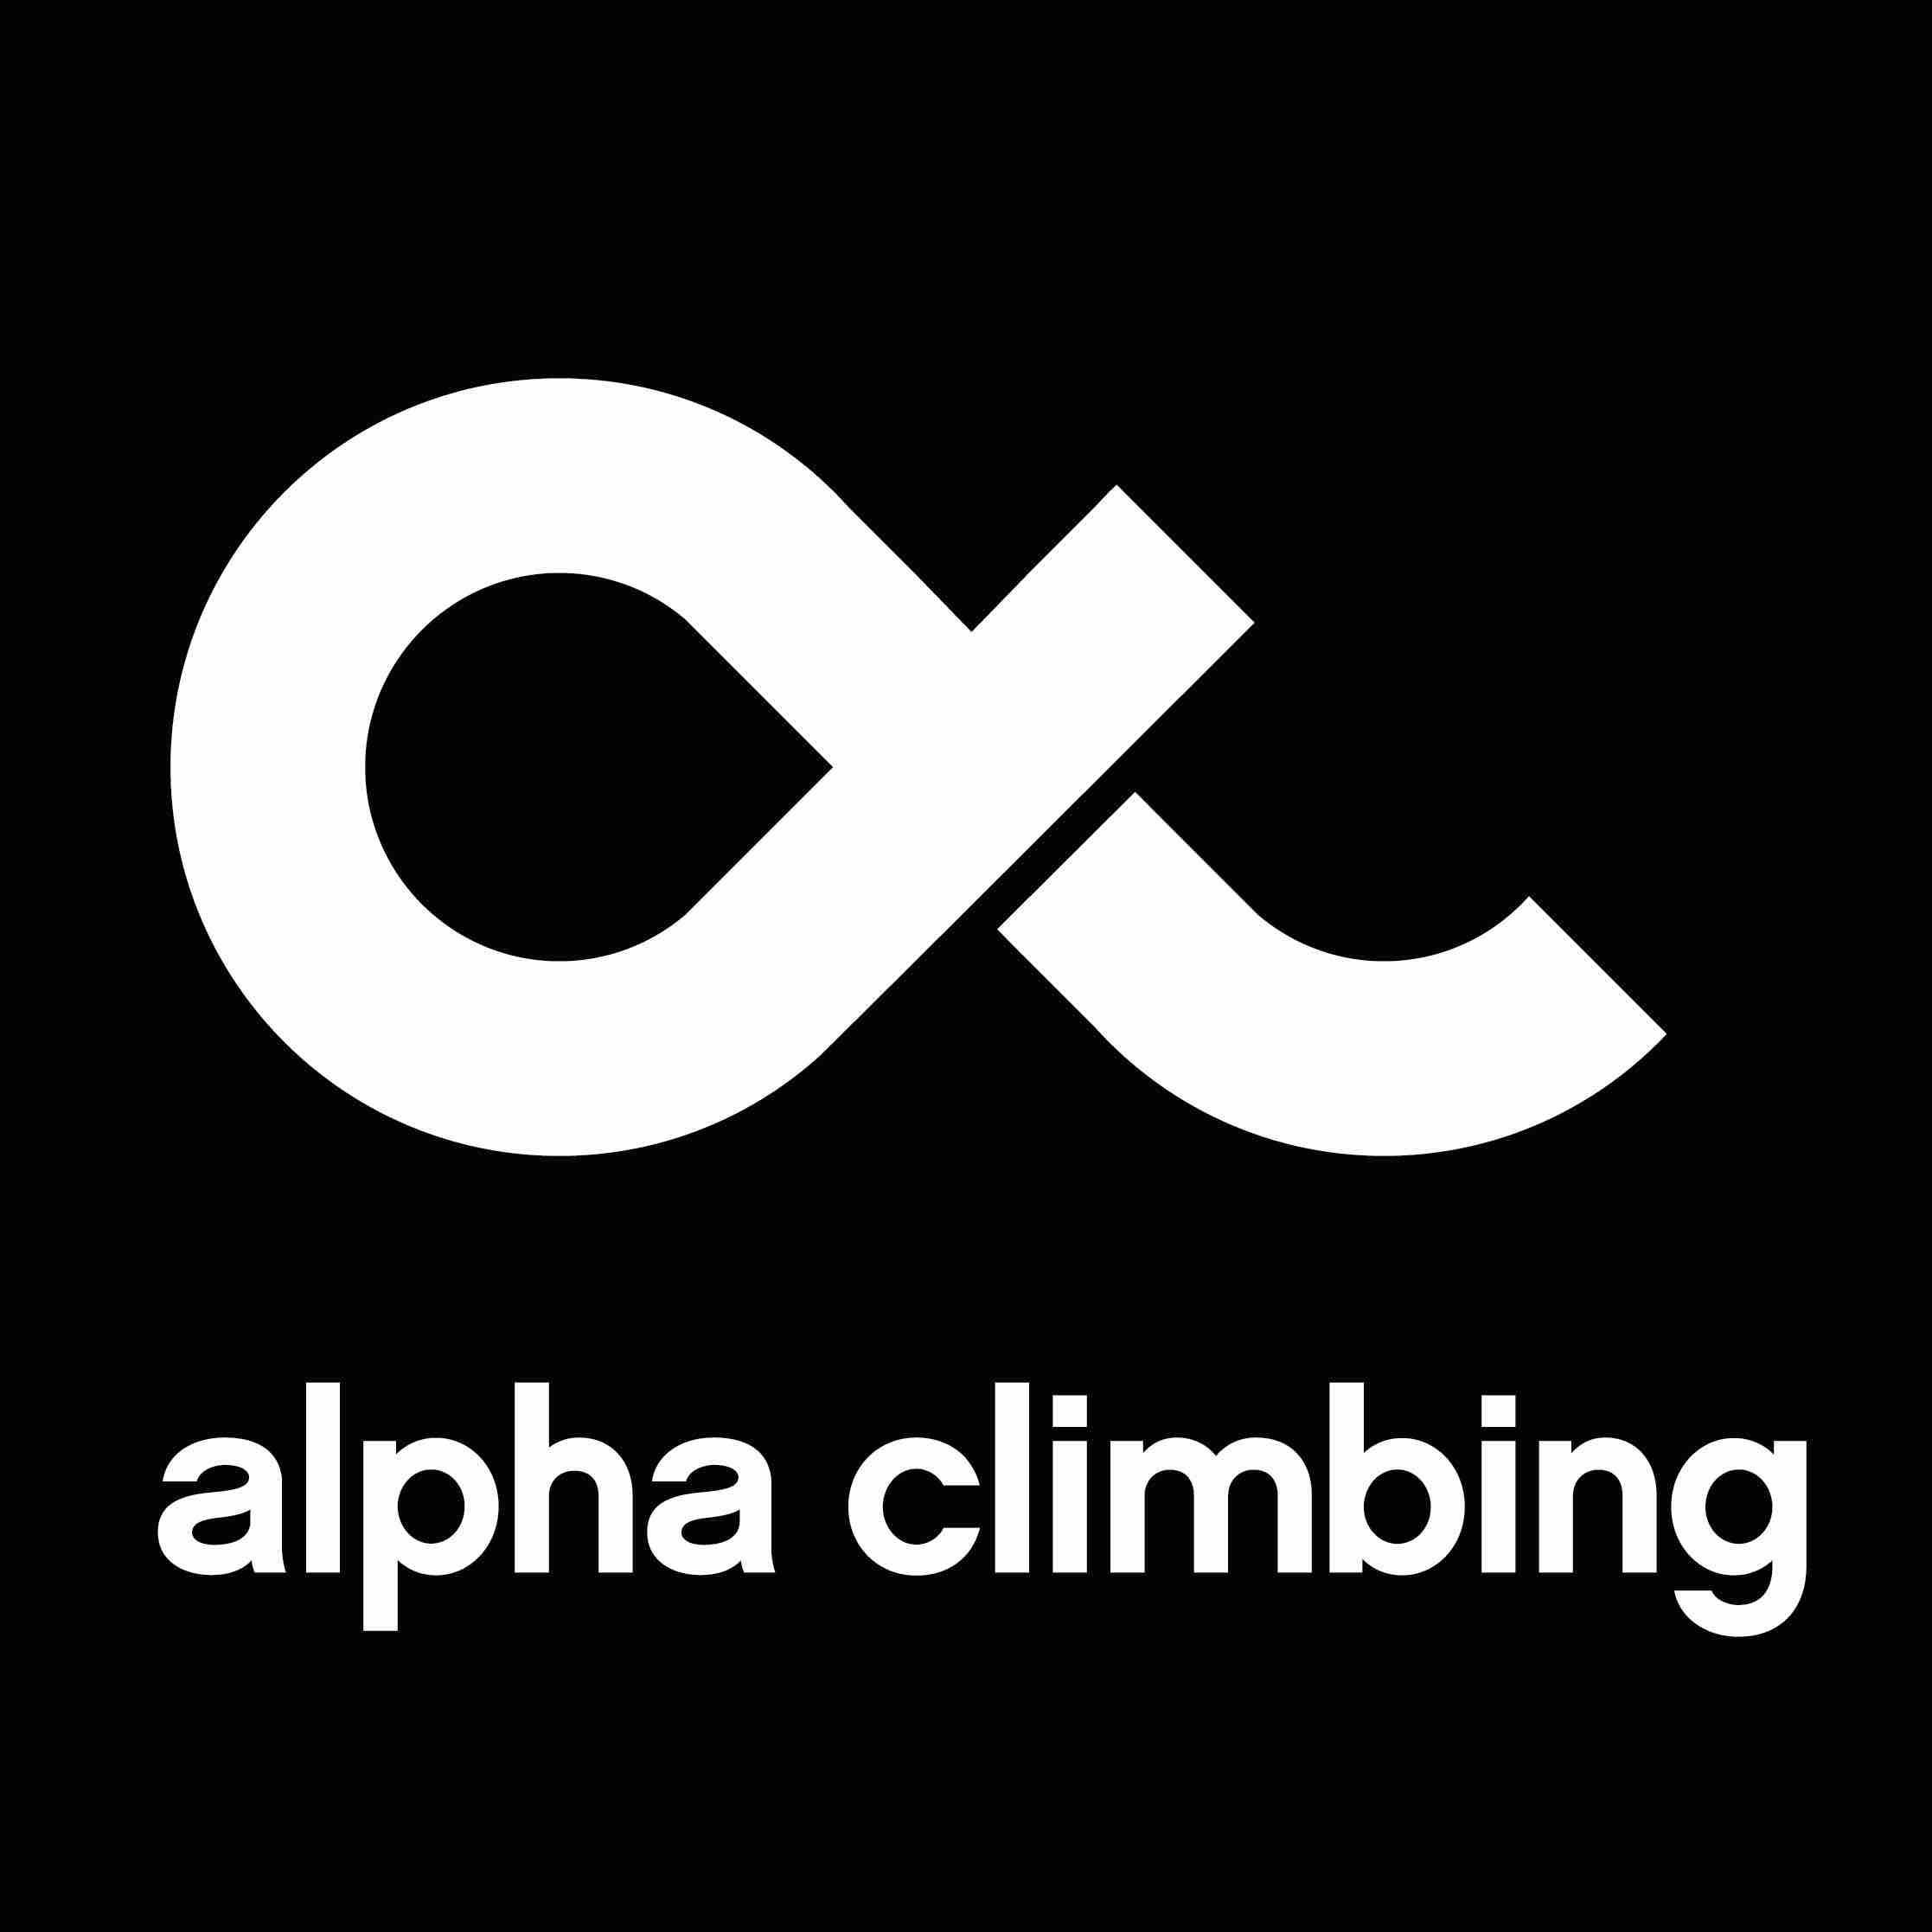 Alpha Climbing logo